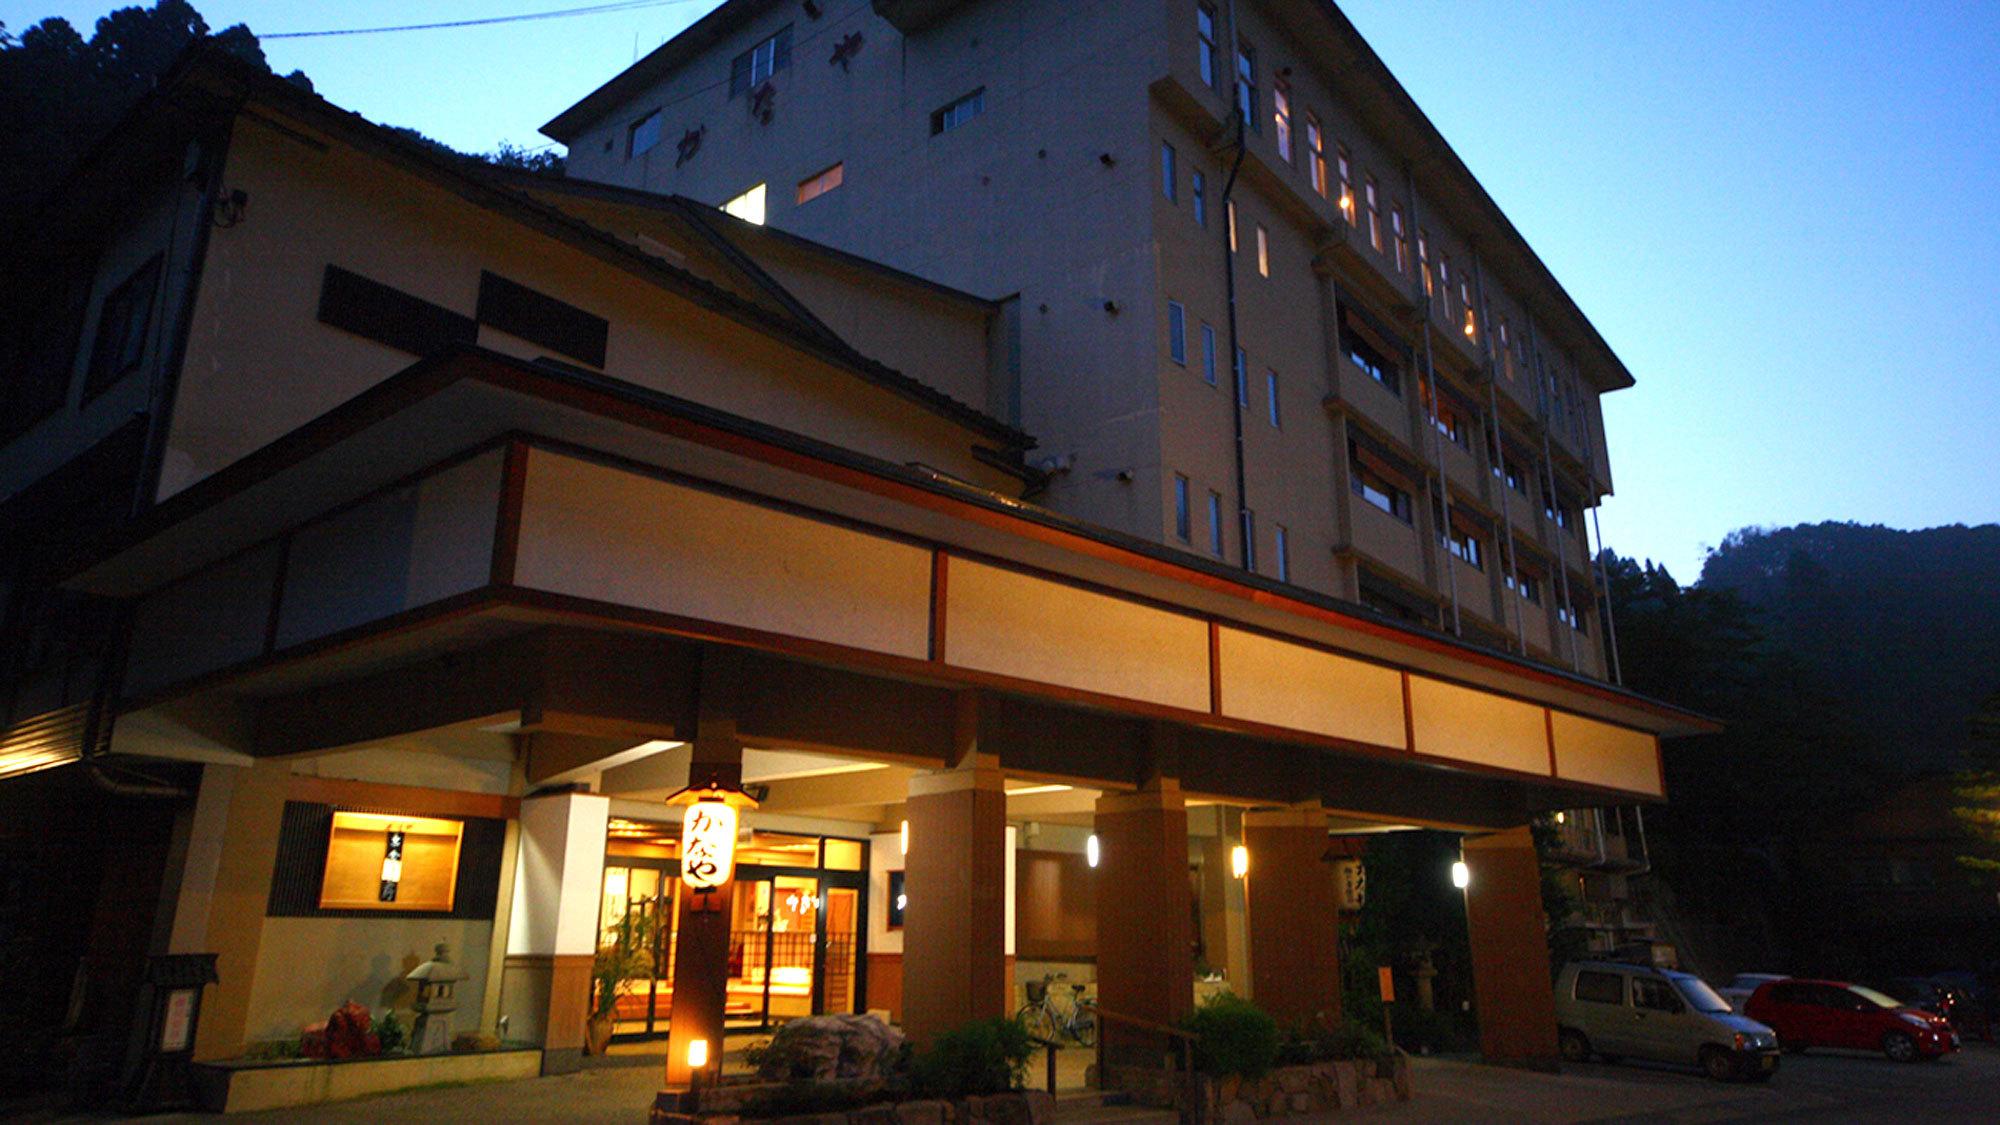 新幹線で金沢へ。老夫婦でも楽しめる金沢の温泉宿はありますか